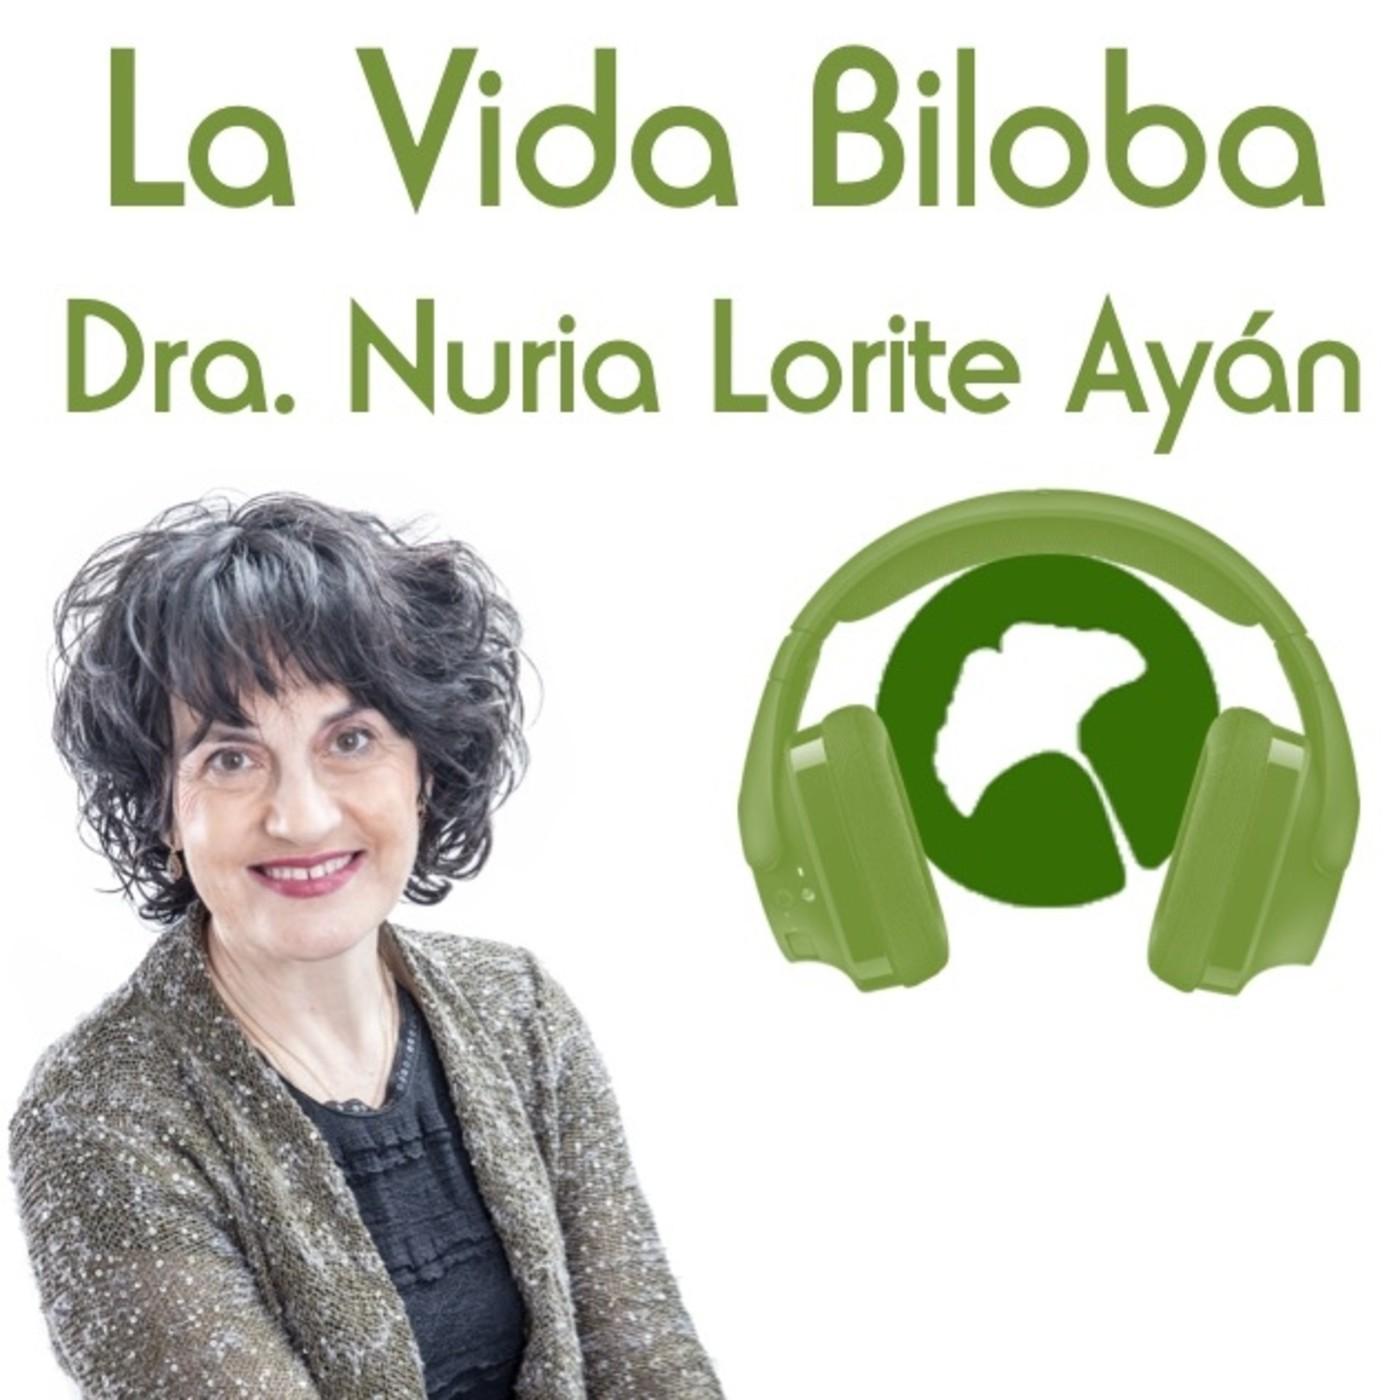 LVB114 Dr. Lorite, Vivir la música en directo: vida, emociones, cuidados... y mucho más.